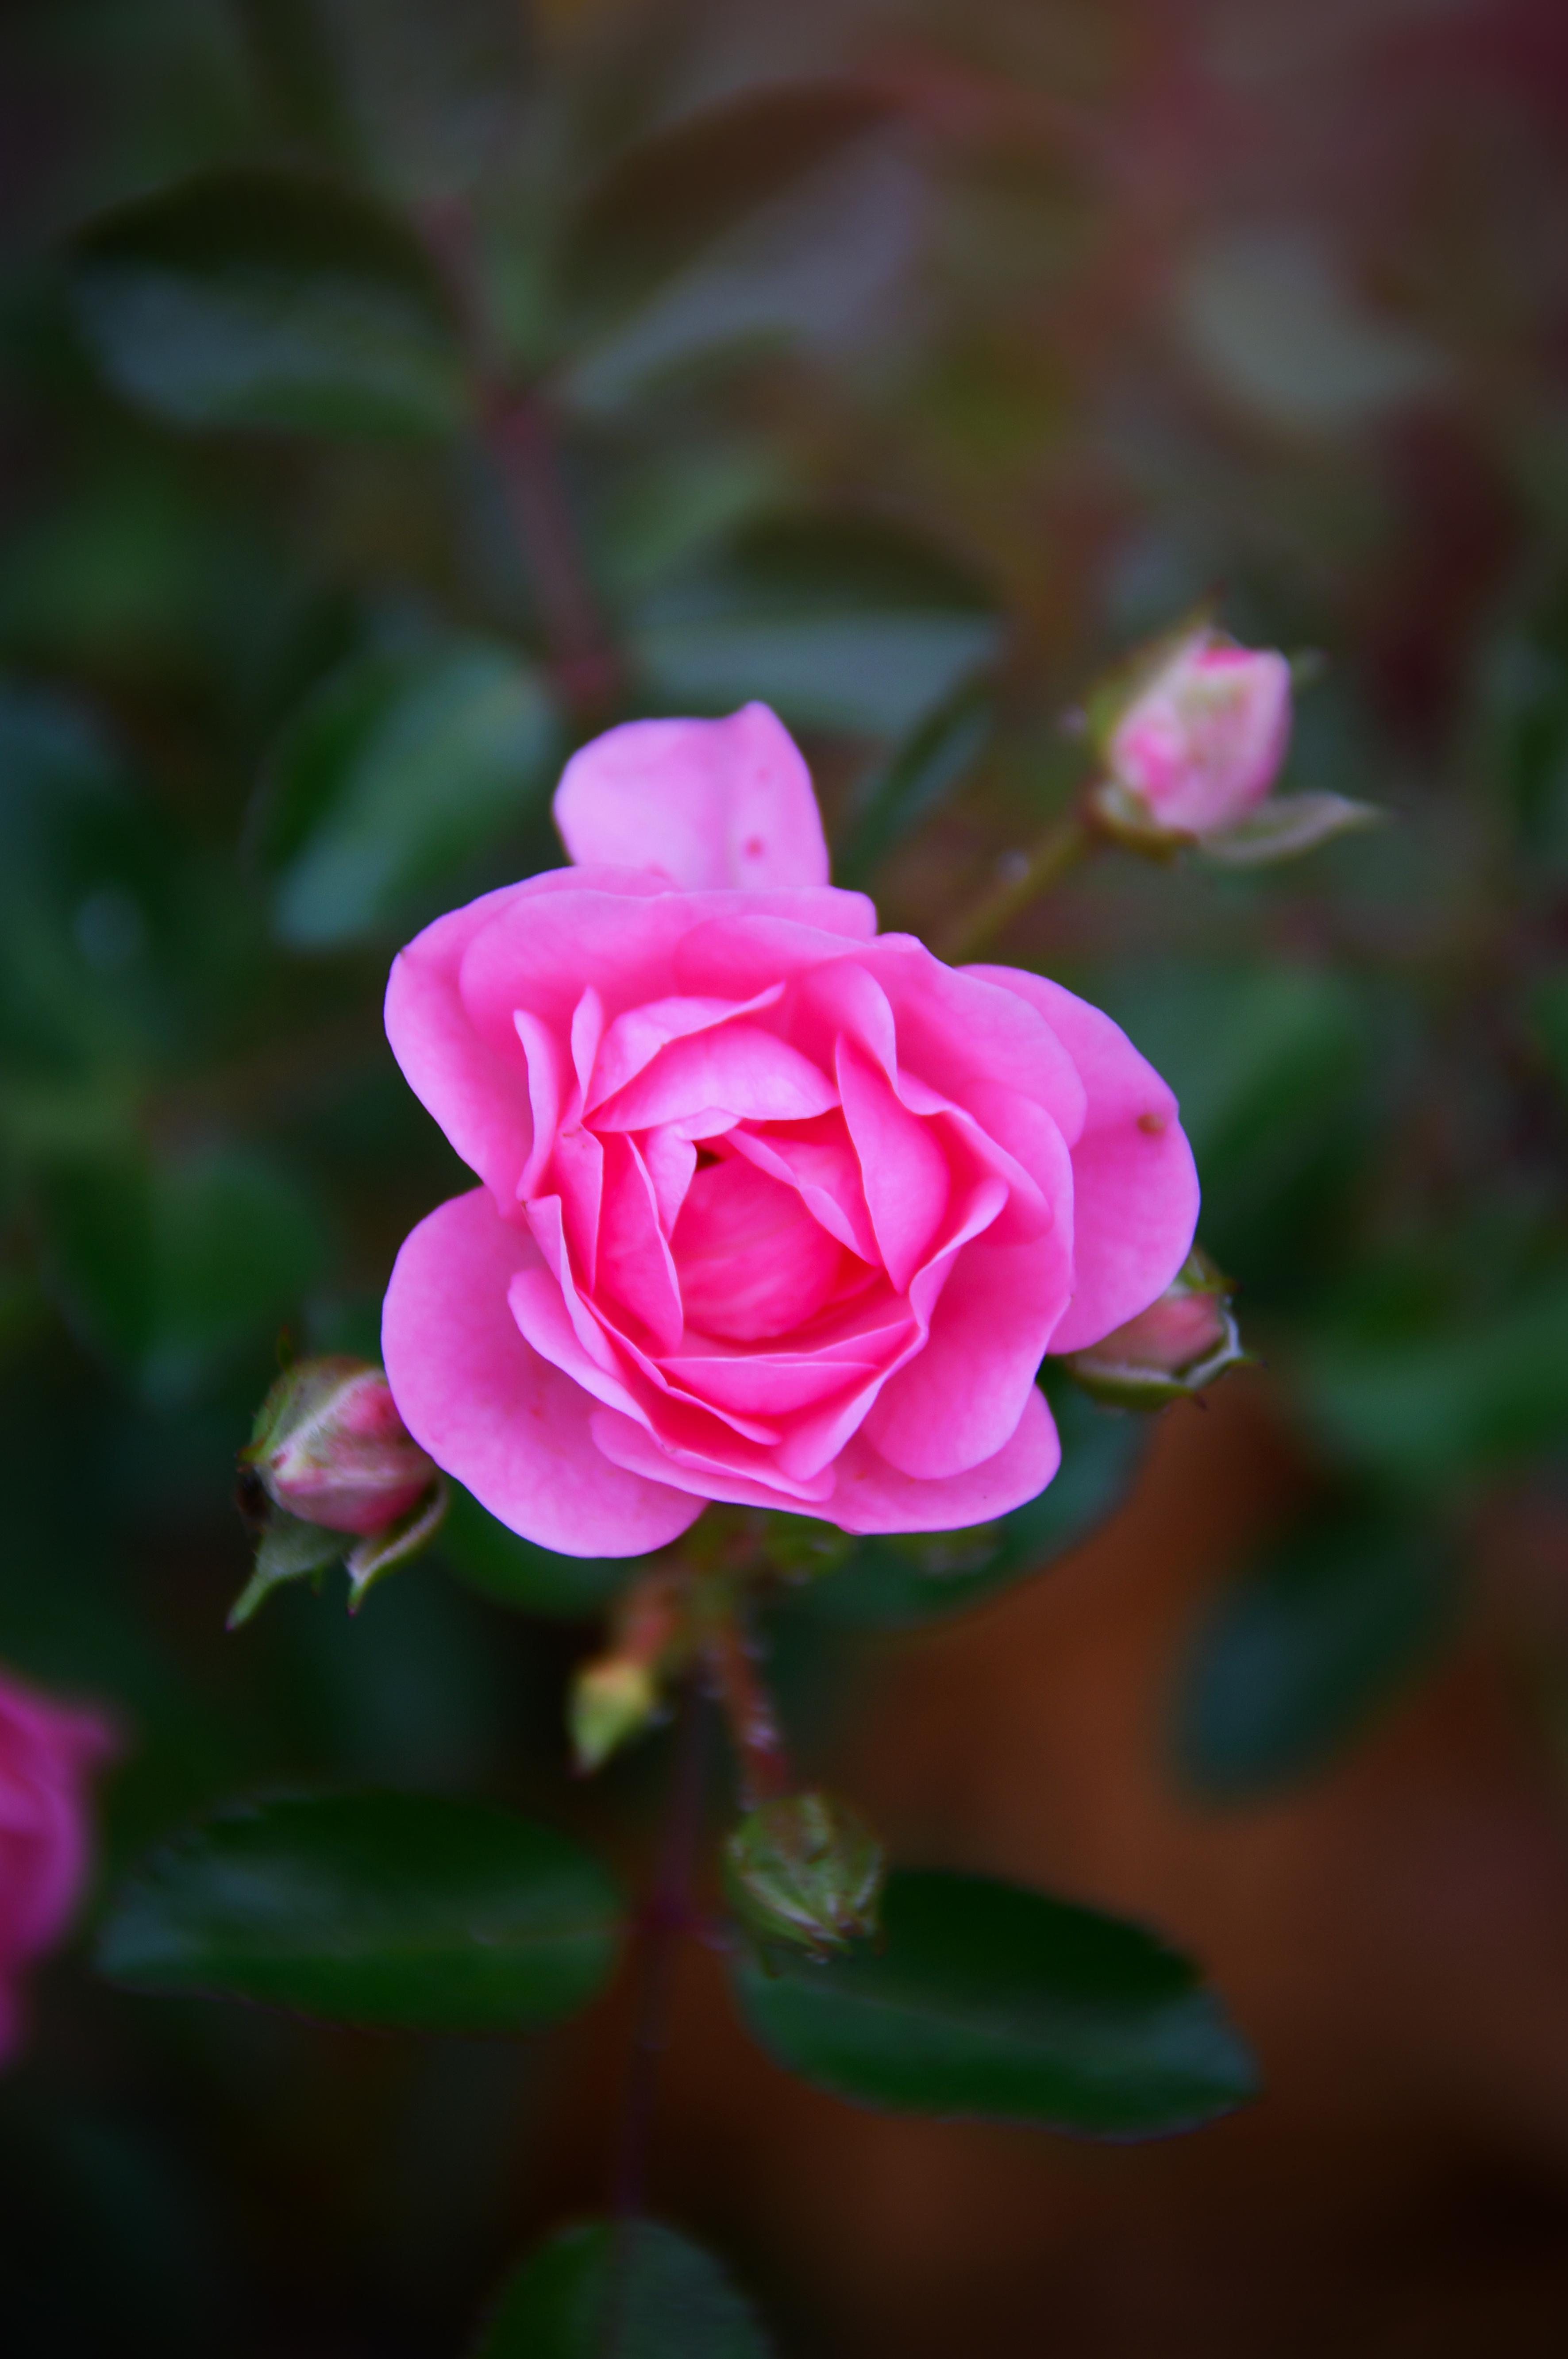 hình ảnh : bông hồng, Hồng, Mùa thu, sáng, Hoa hồng, đẹp, thiên nhiên, màu xanh lá, thực vật, Lá, Cánh hoa, leo, Nở, Cây bụi, công viên, Đỏ, lý lịch, ...